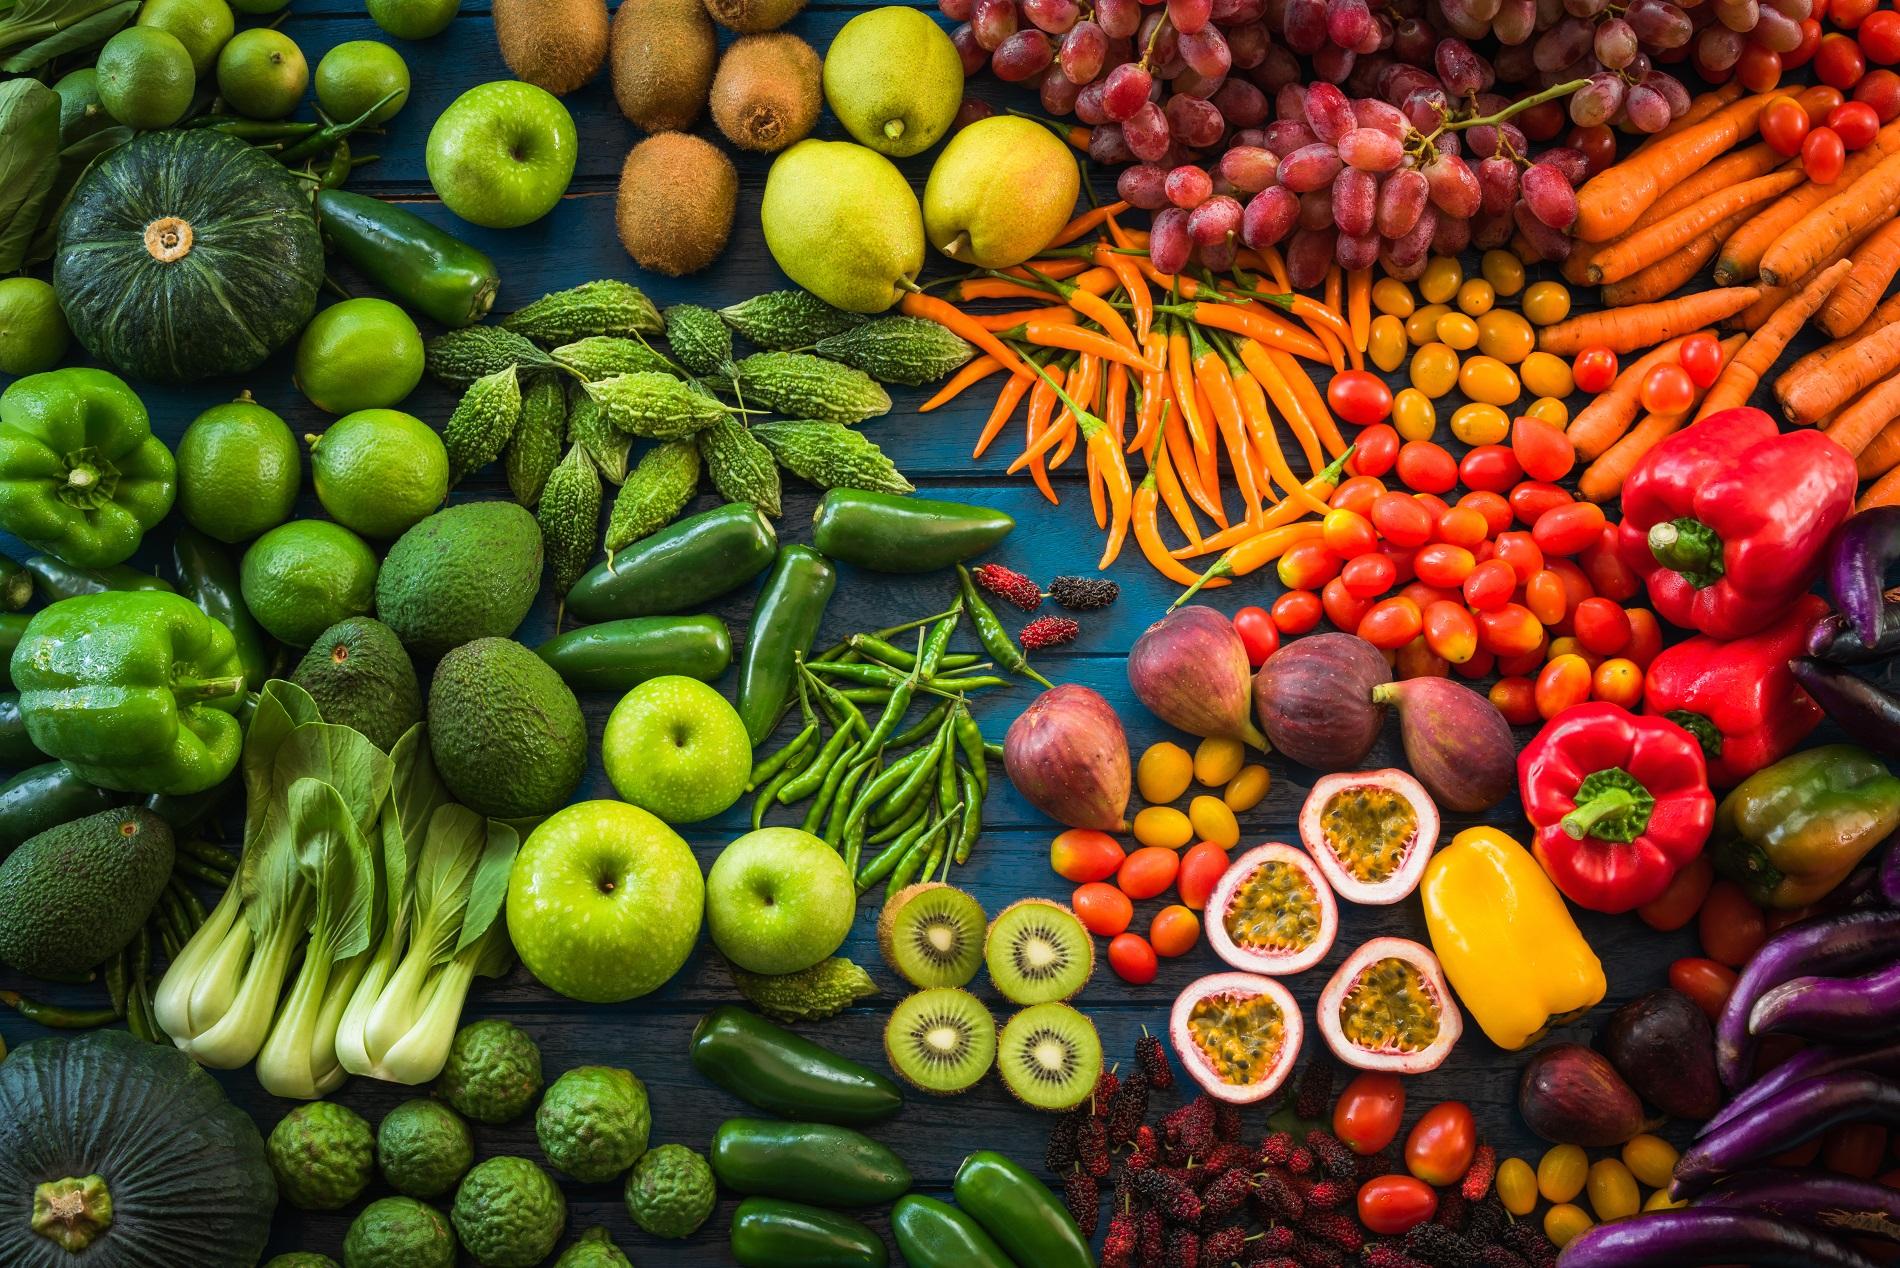 Por qué consumir diariamente frutas y verduras - Blog Aepla